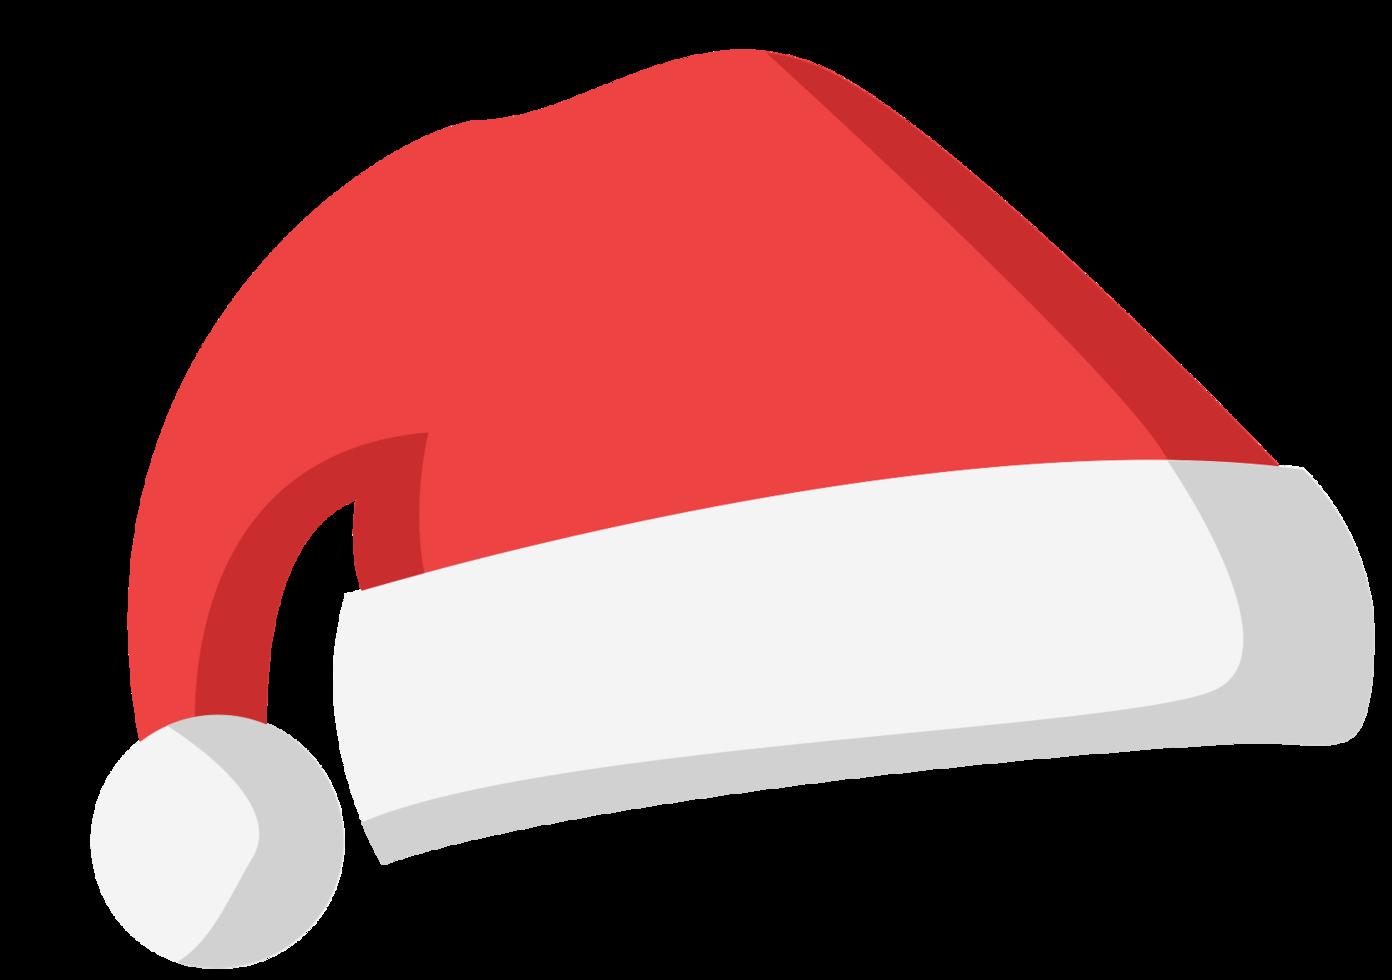 Gorro do Papai Noel png